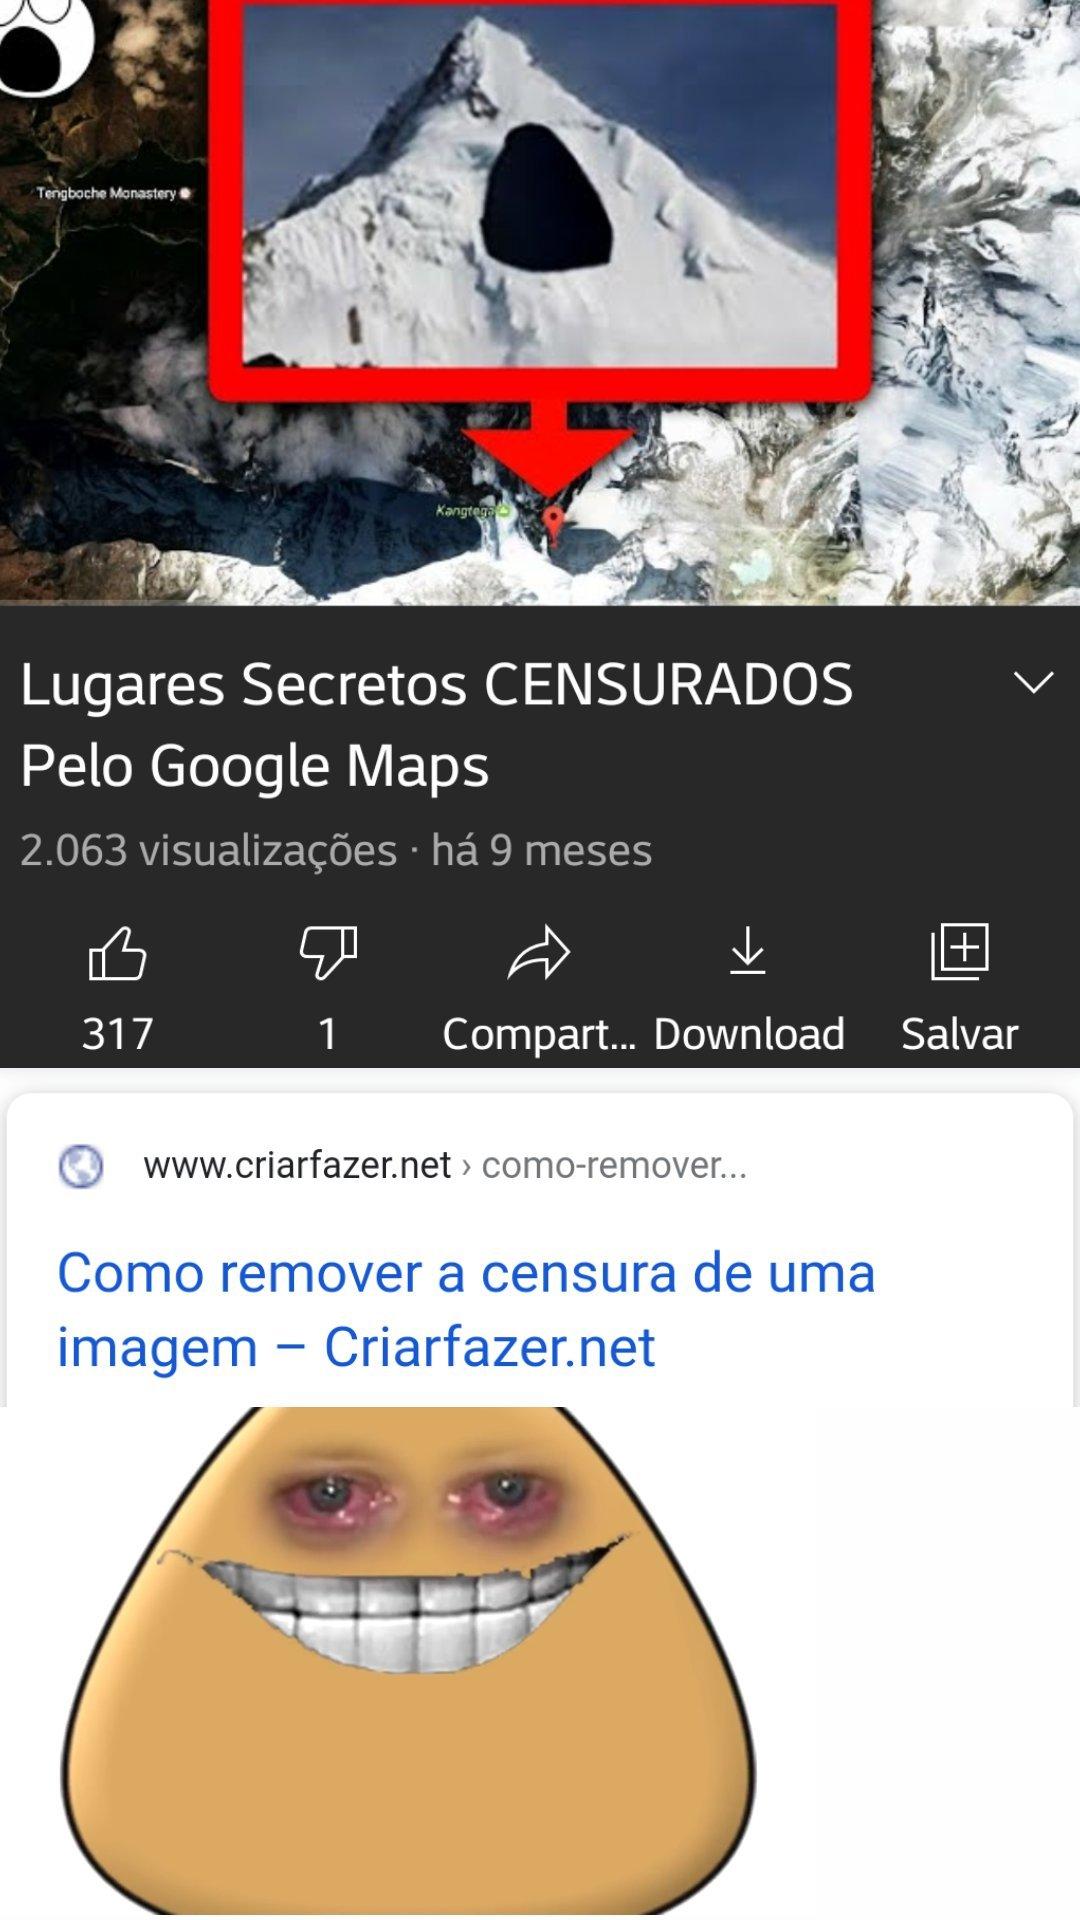 Seus segredos acabaram Google!!! - meme